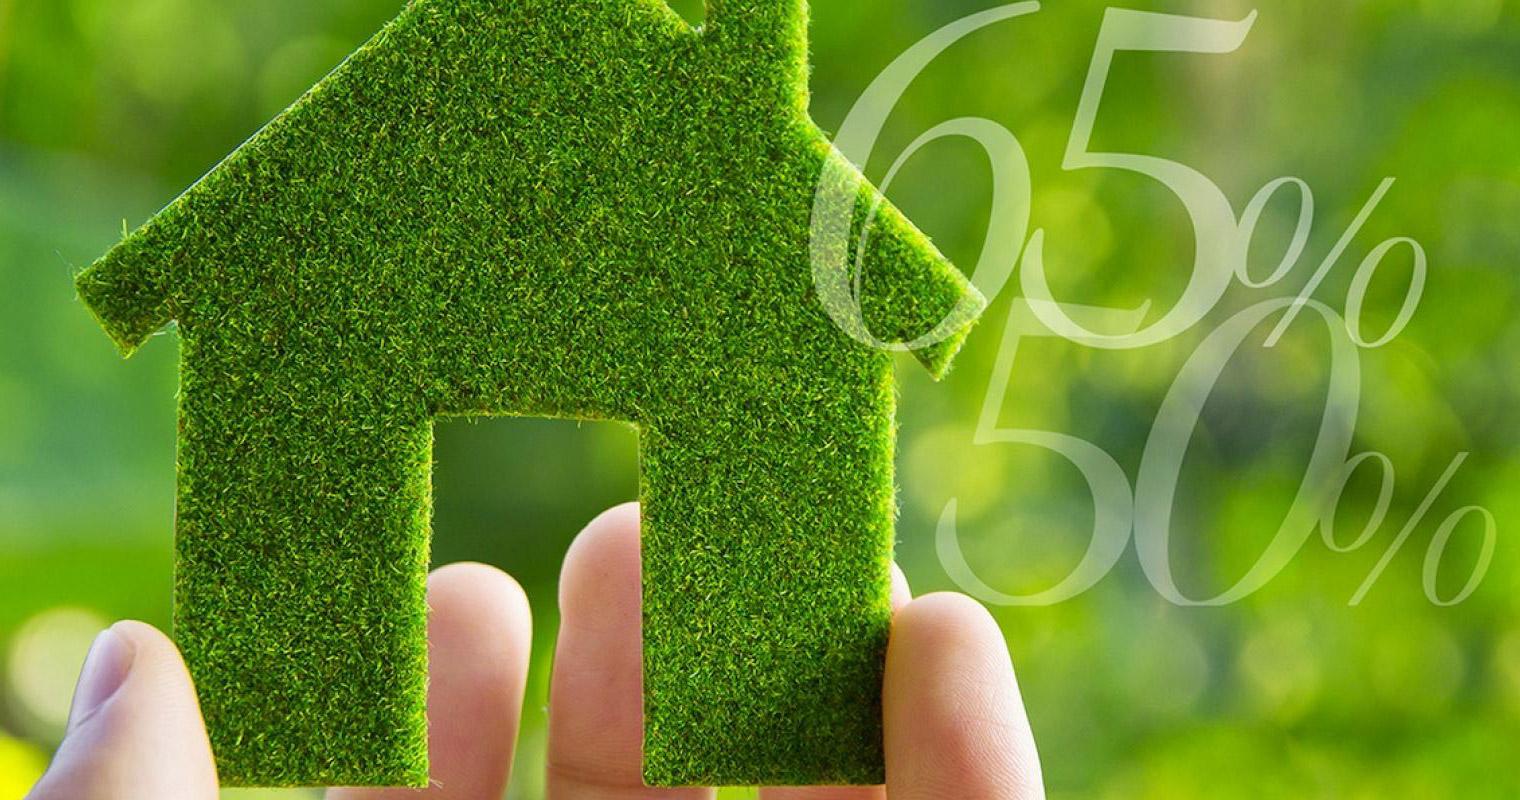 Serramenti E Detrazione Fiscale Per Il Risparmio Energetico 2016